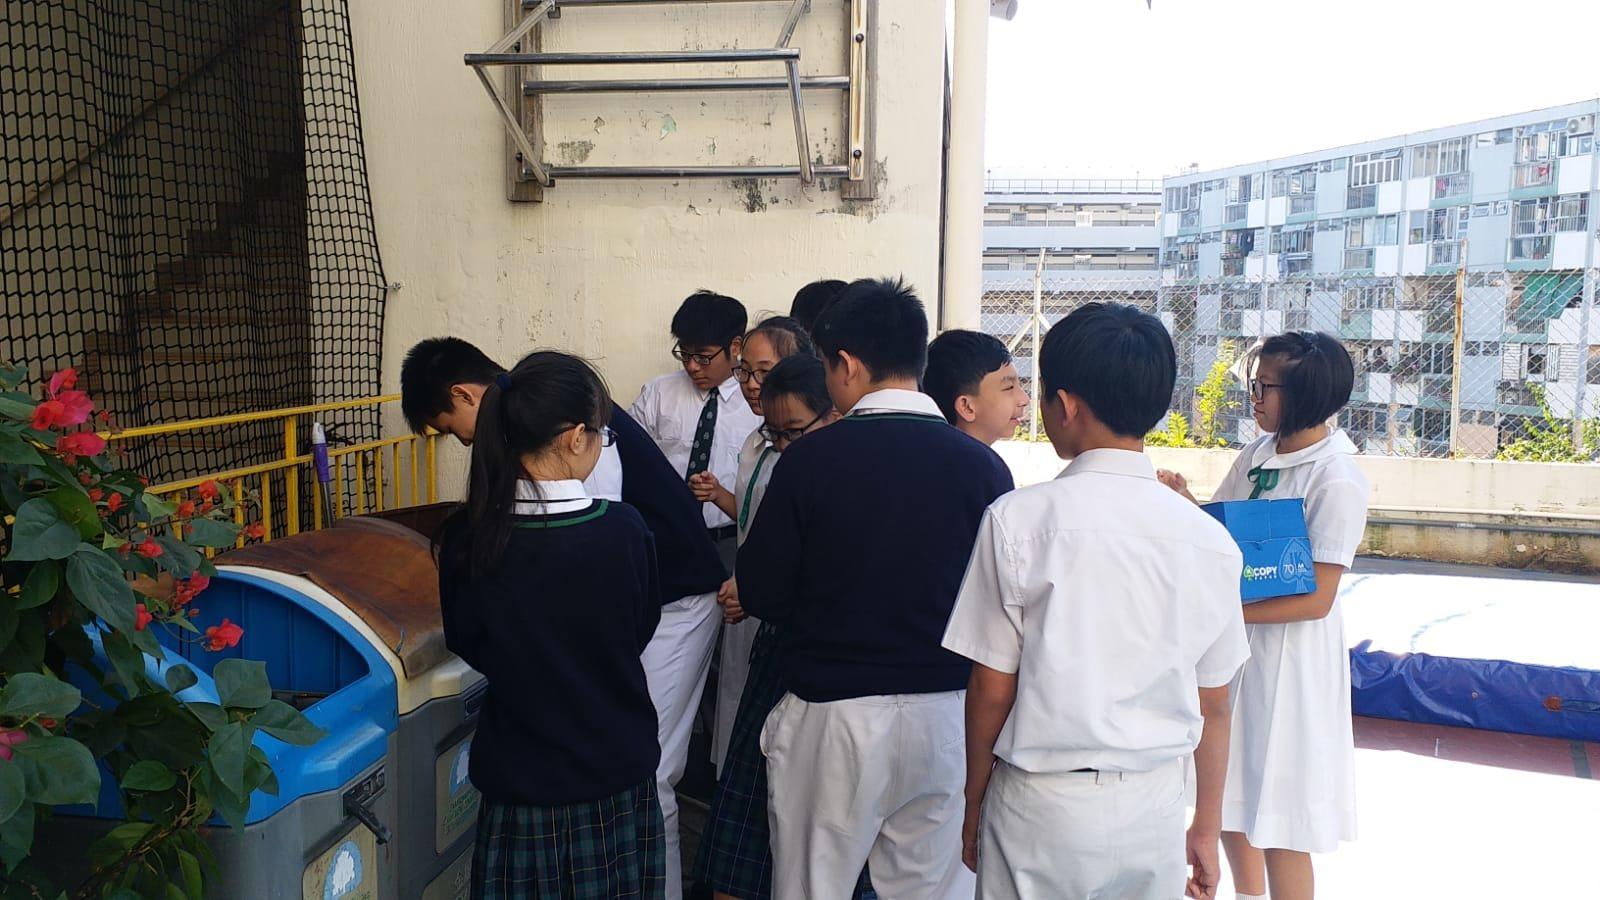 環保膠樽溫室